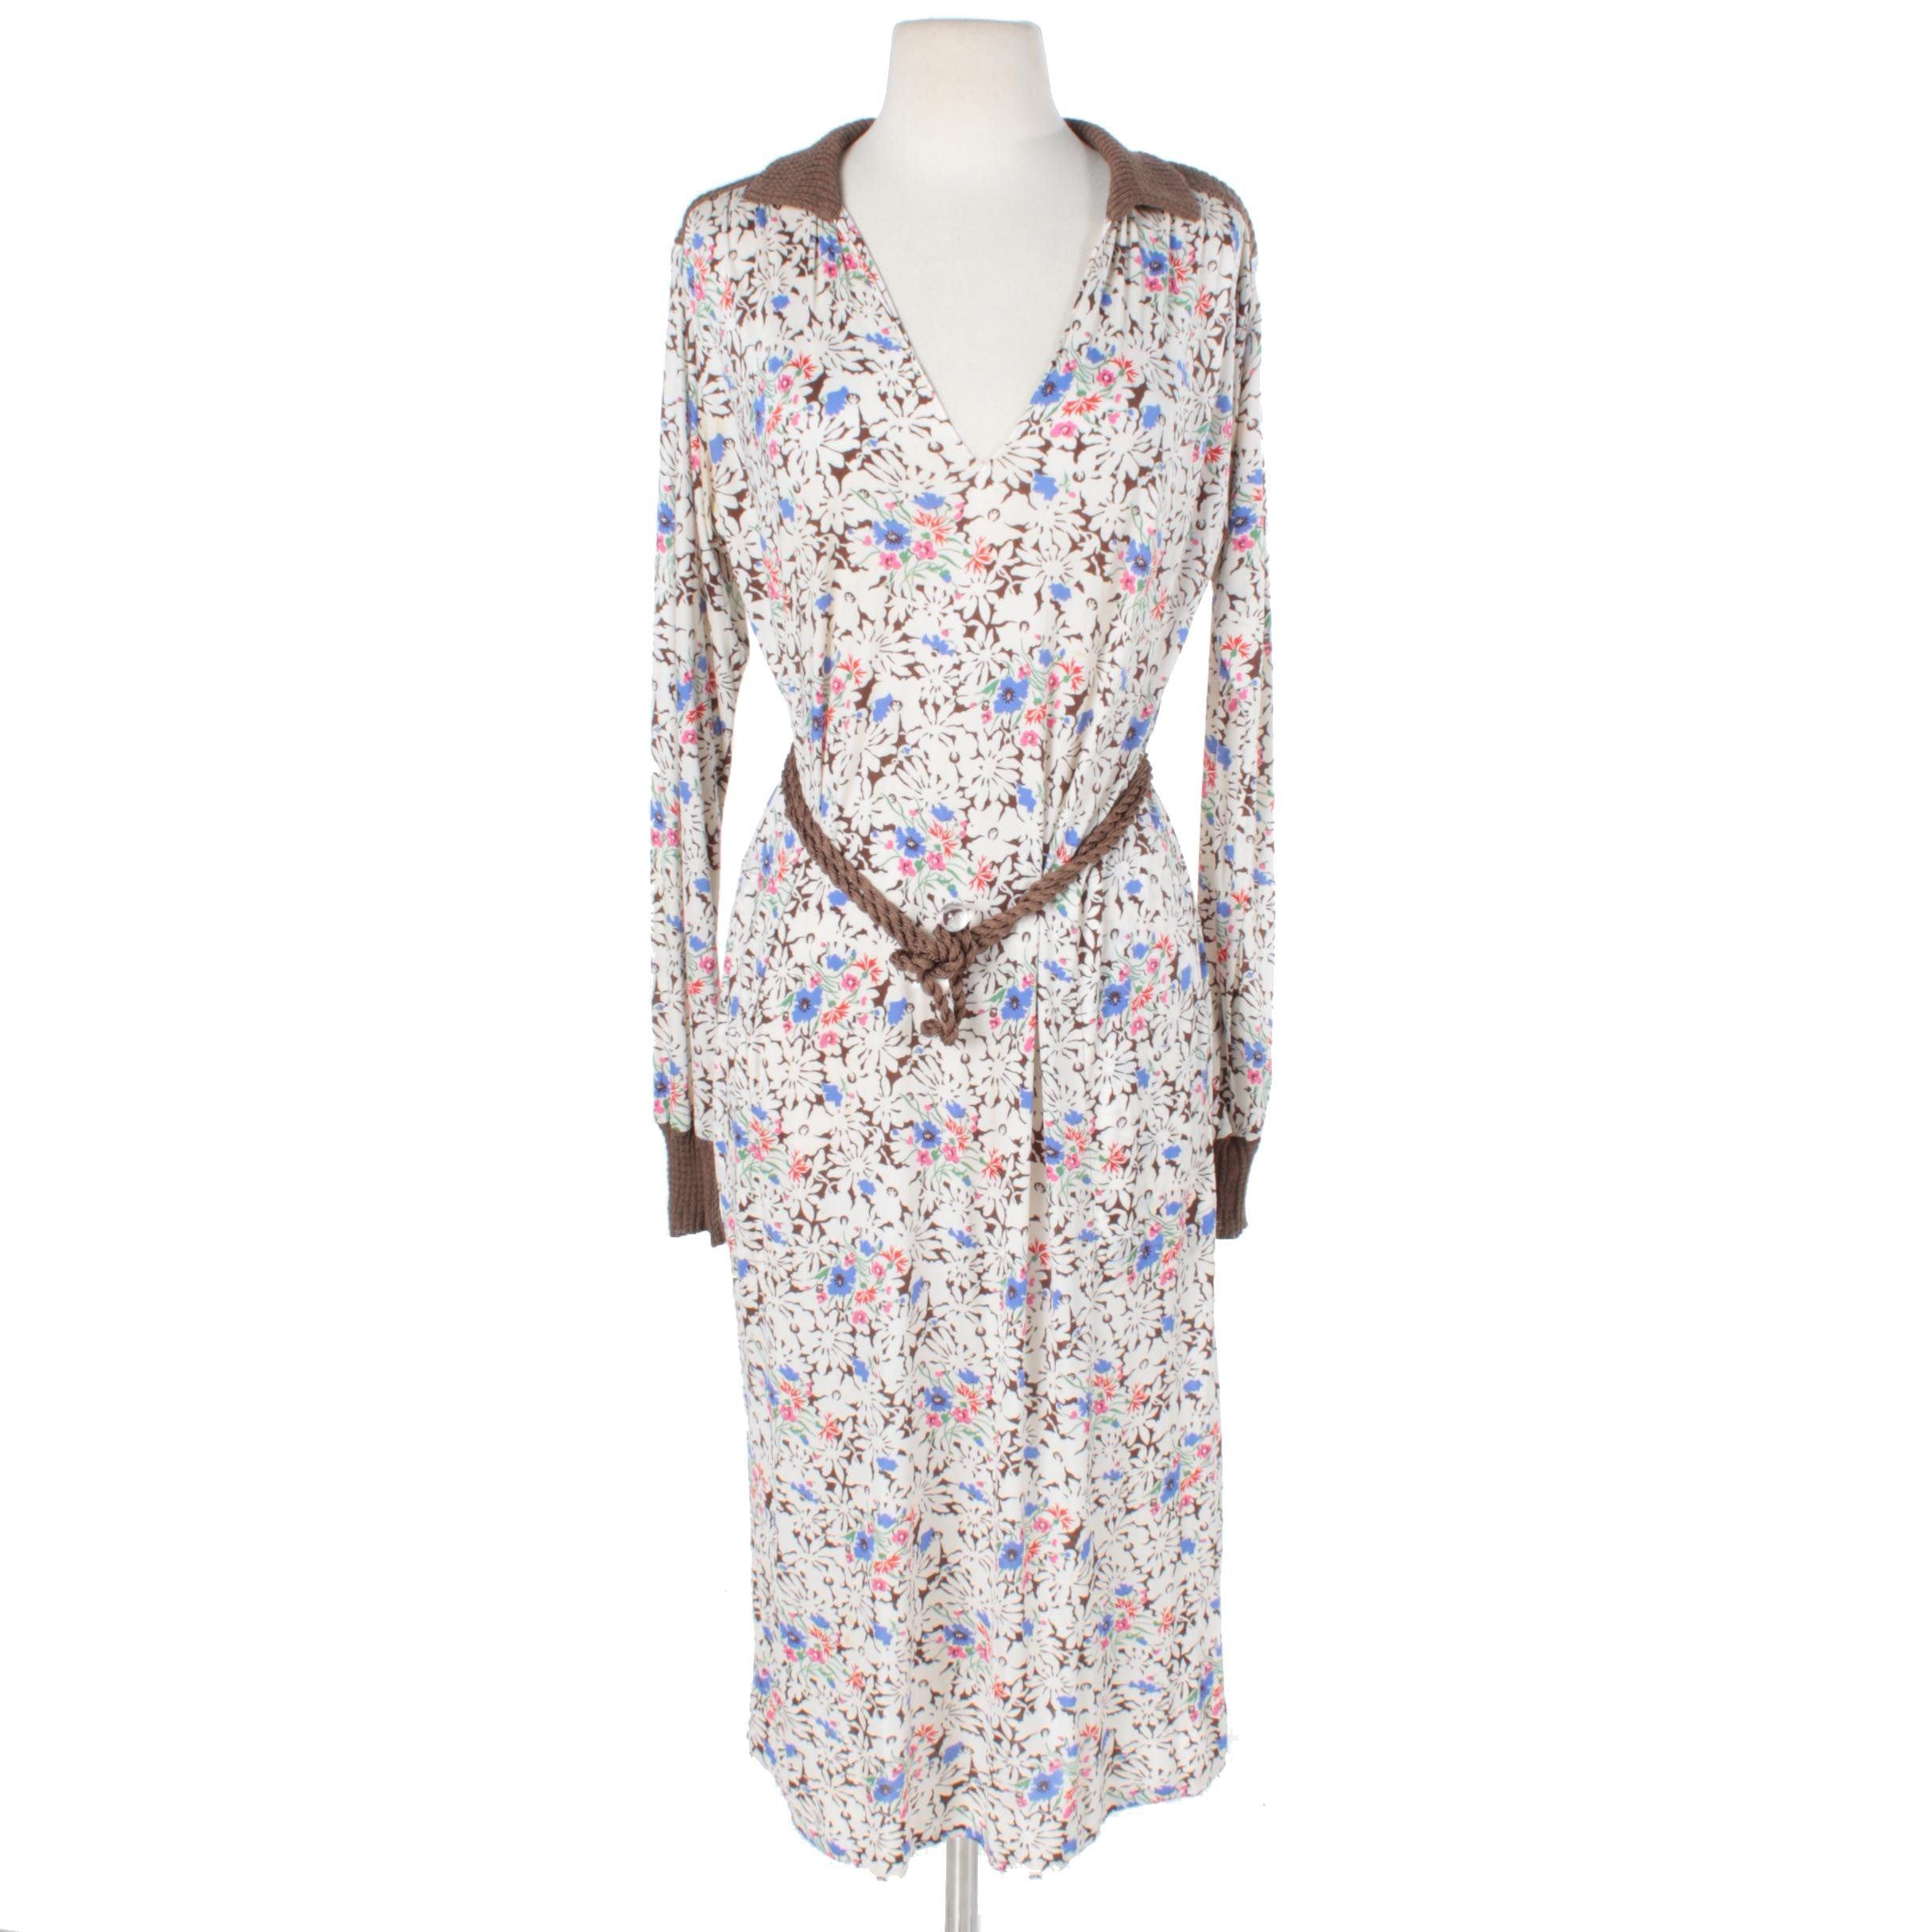 Women's 1970s Vintage Floral Dress